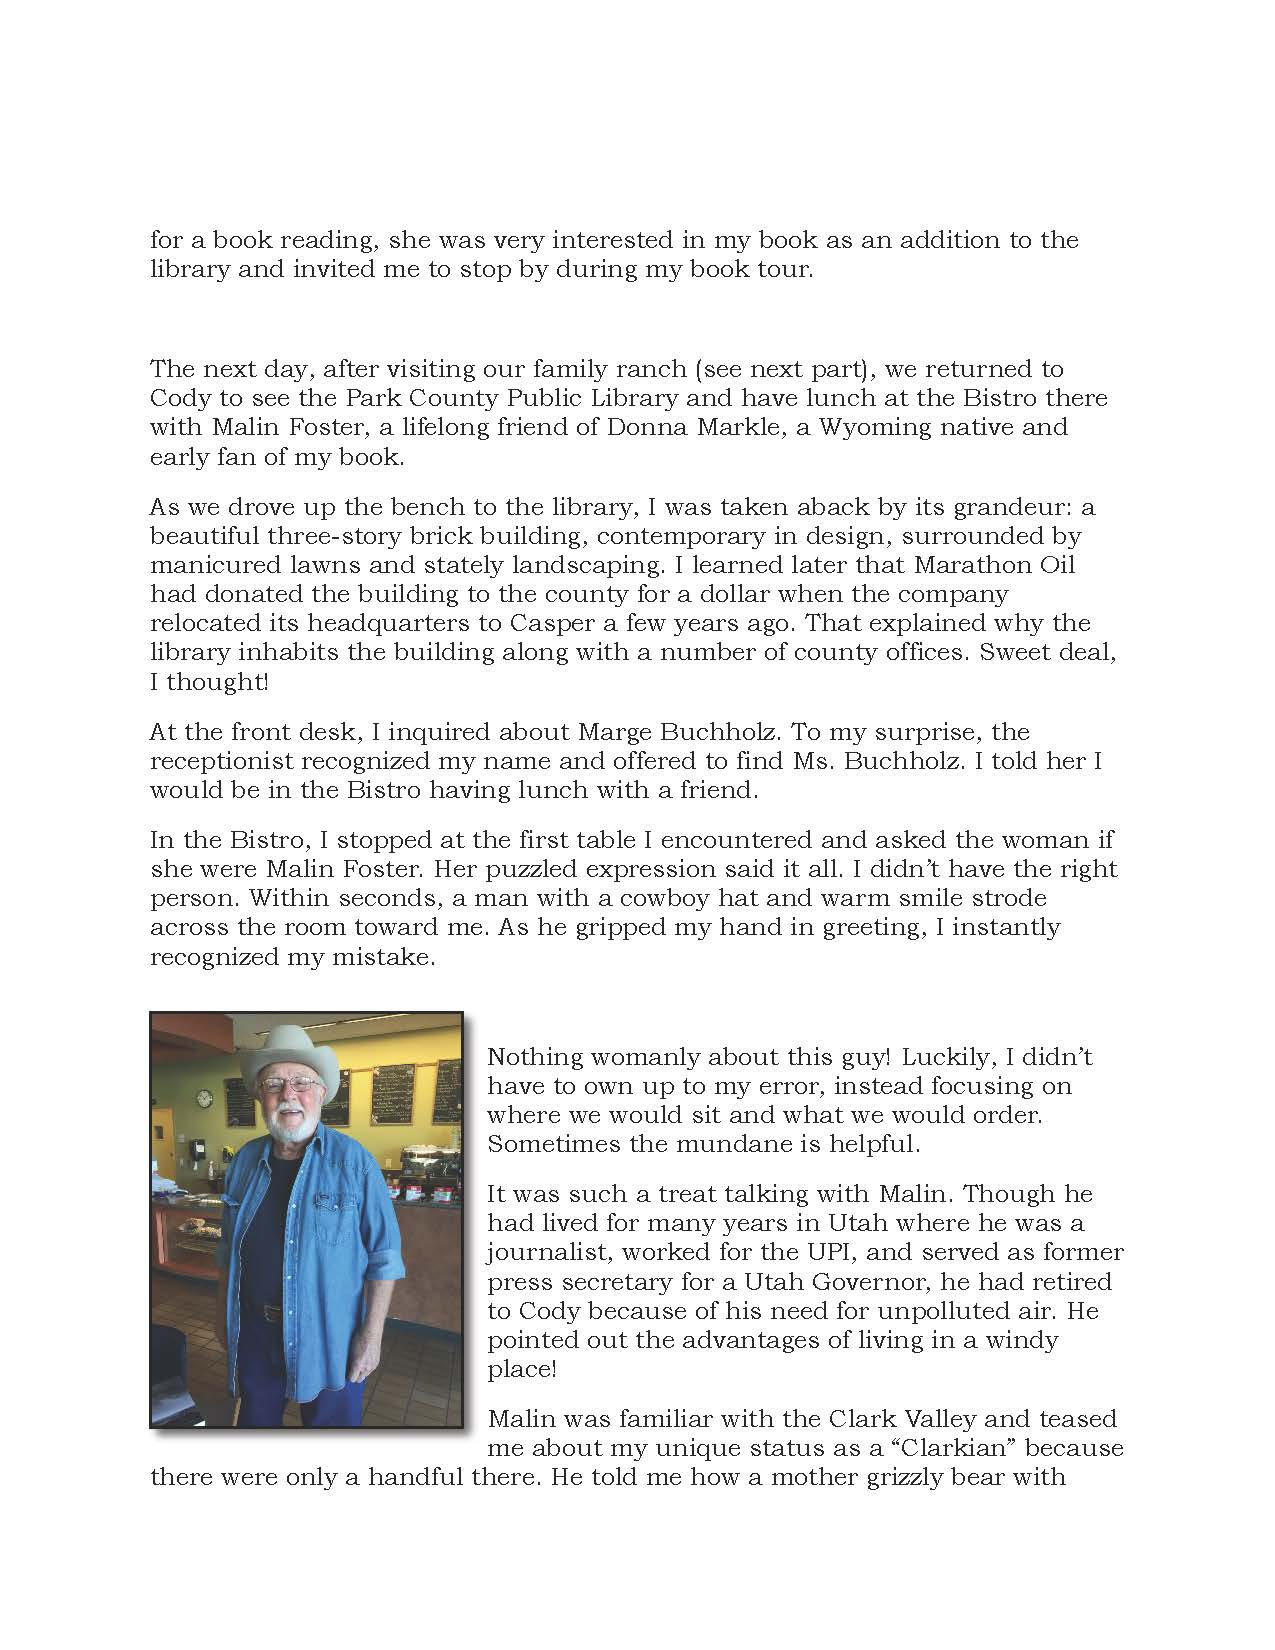 wyoming-book-tour-master-rev-10-23-16-1_page_11